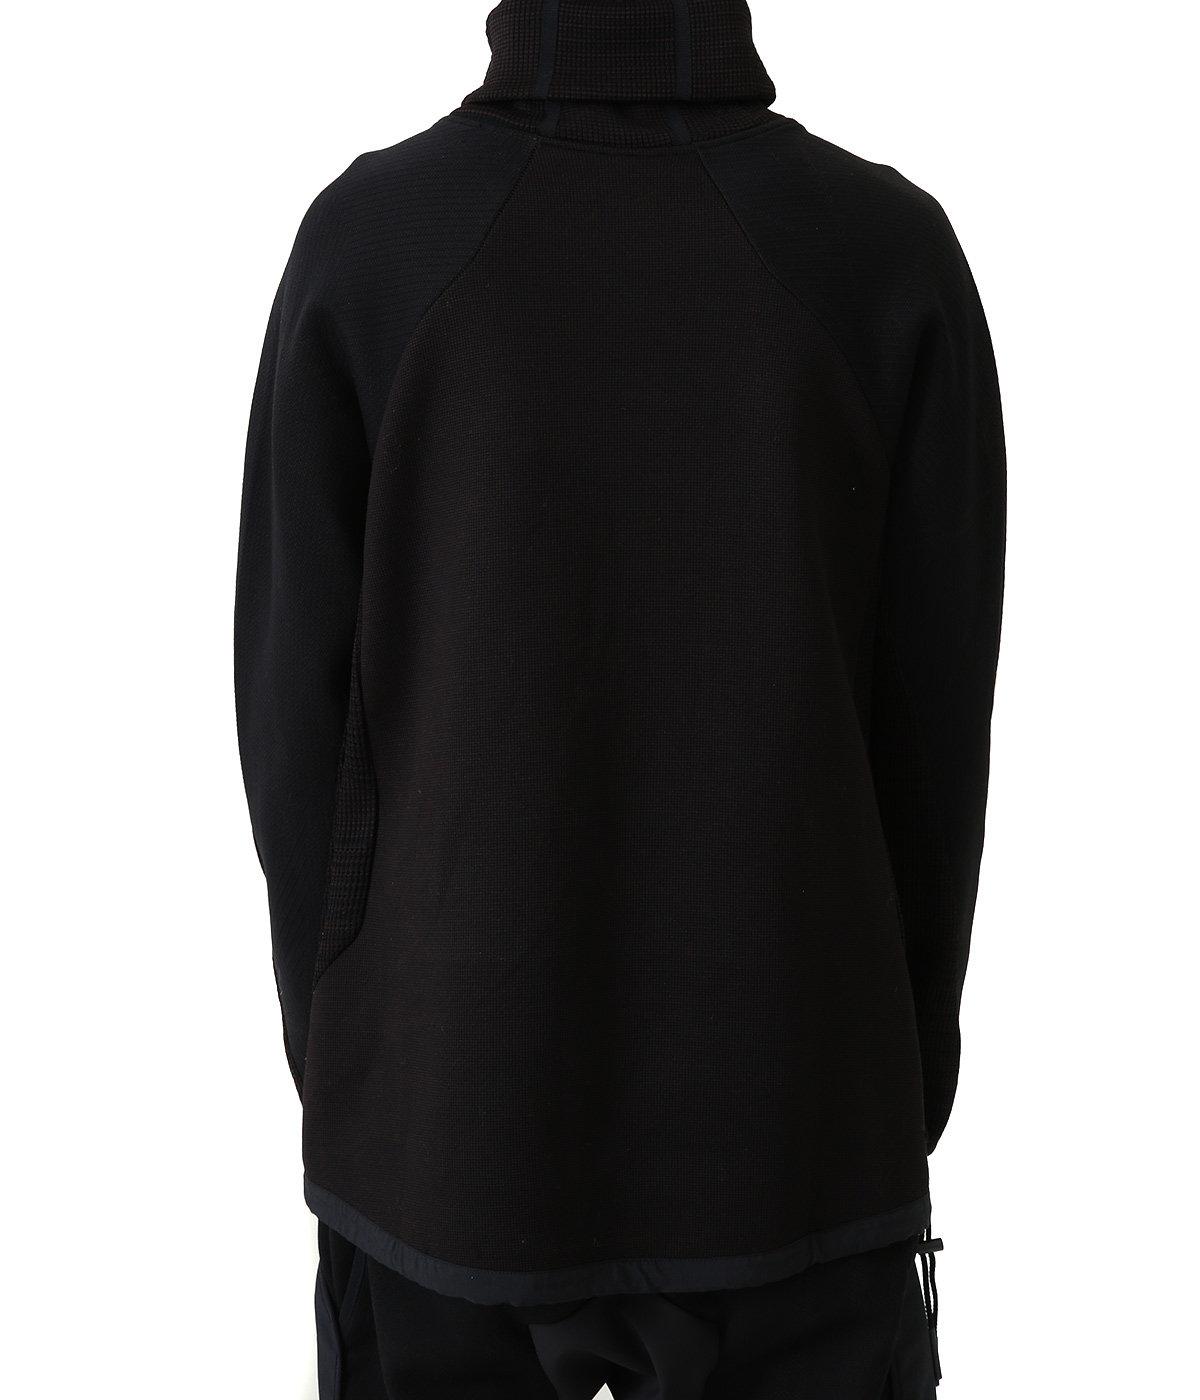 着用サンプルです。実際の入荷色はブラックとなります。